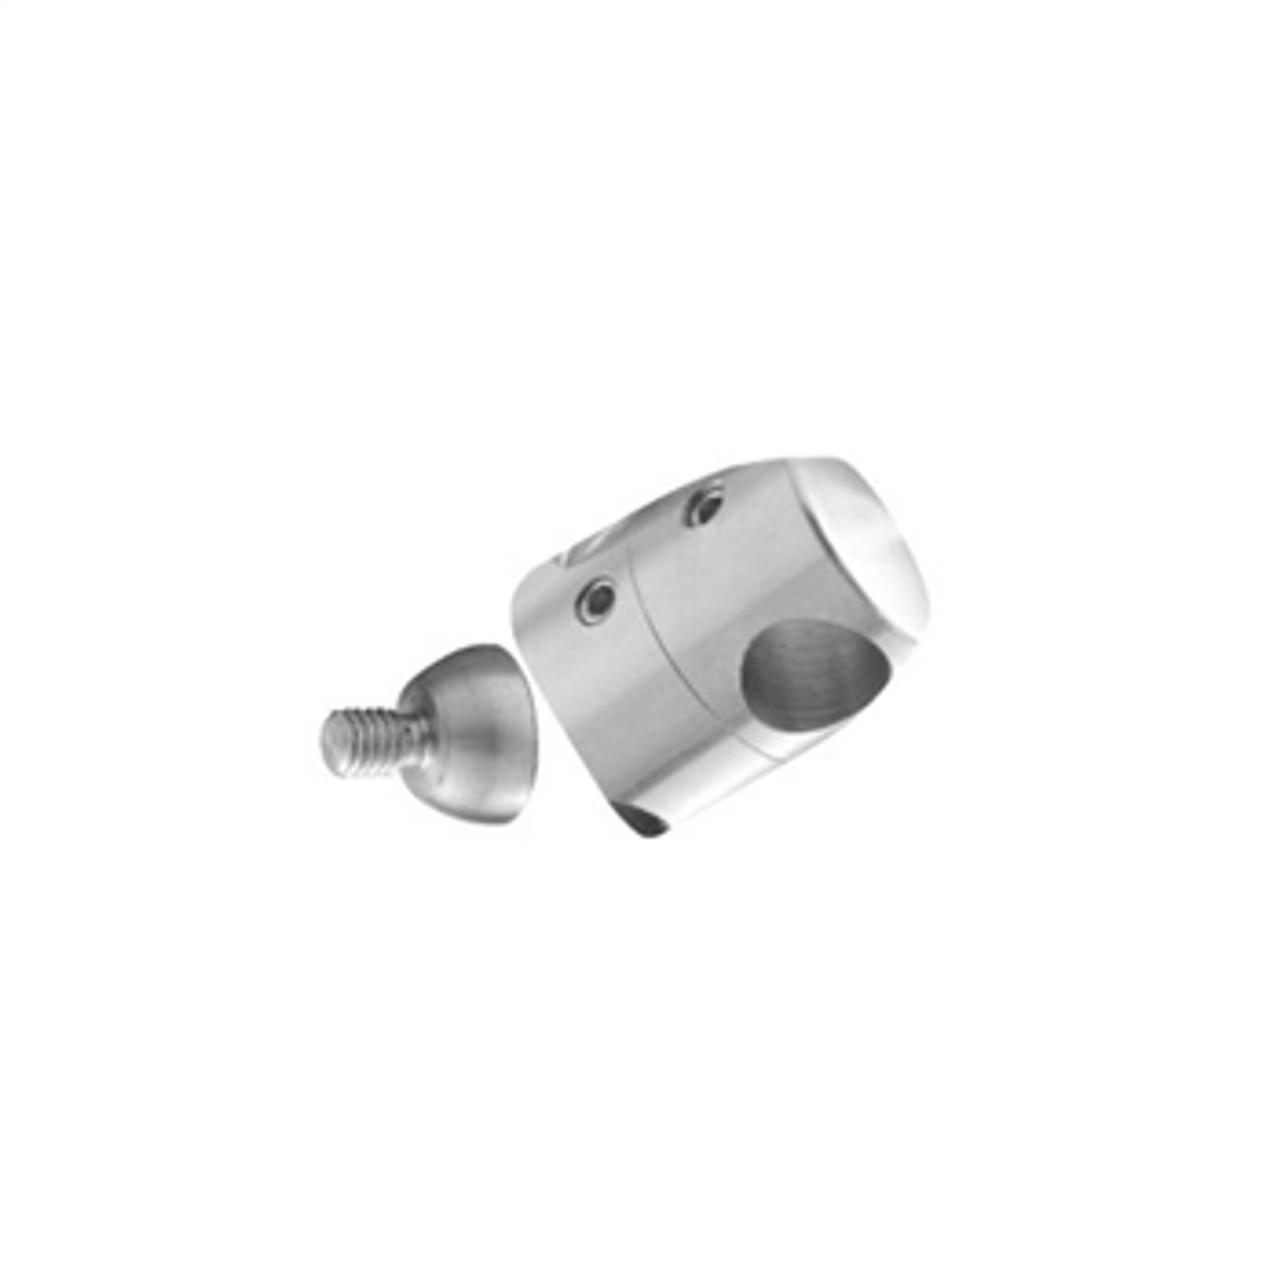 E00699991 Stainless Steel Bar Holder, 1 2/3-inch tube